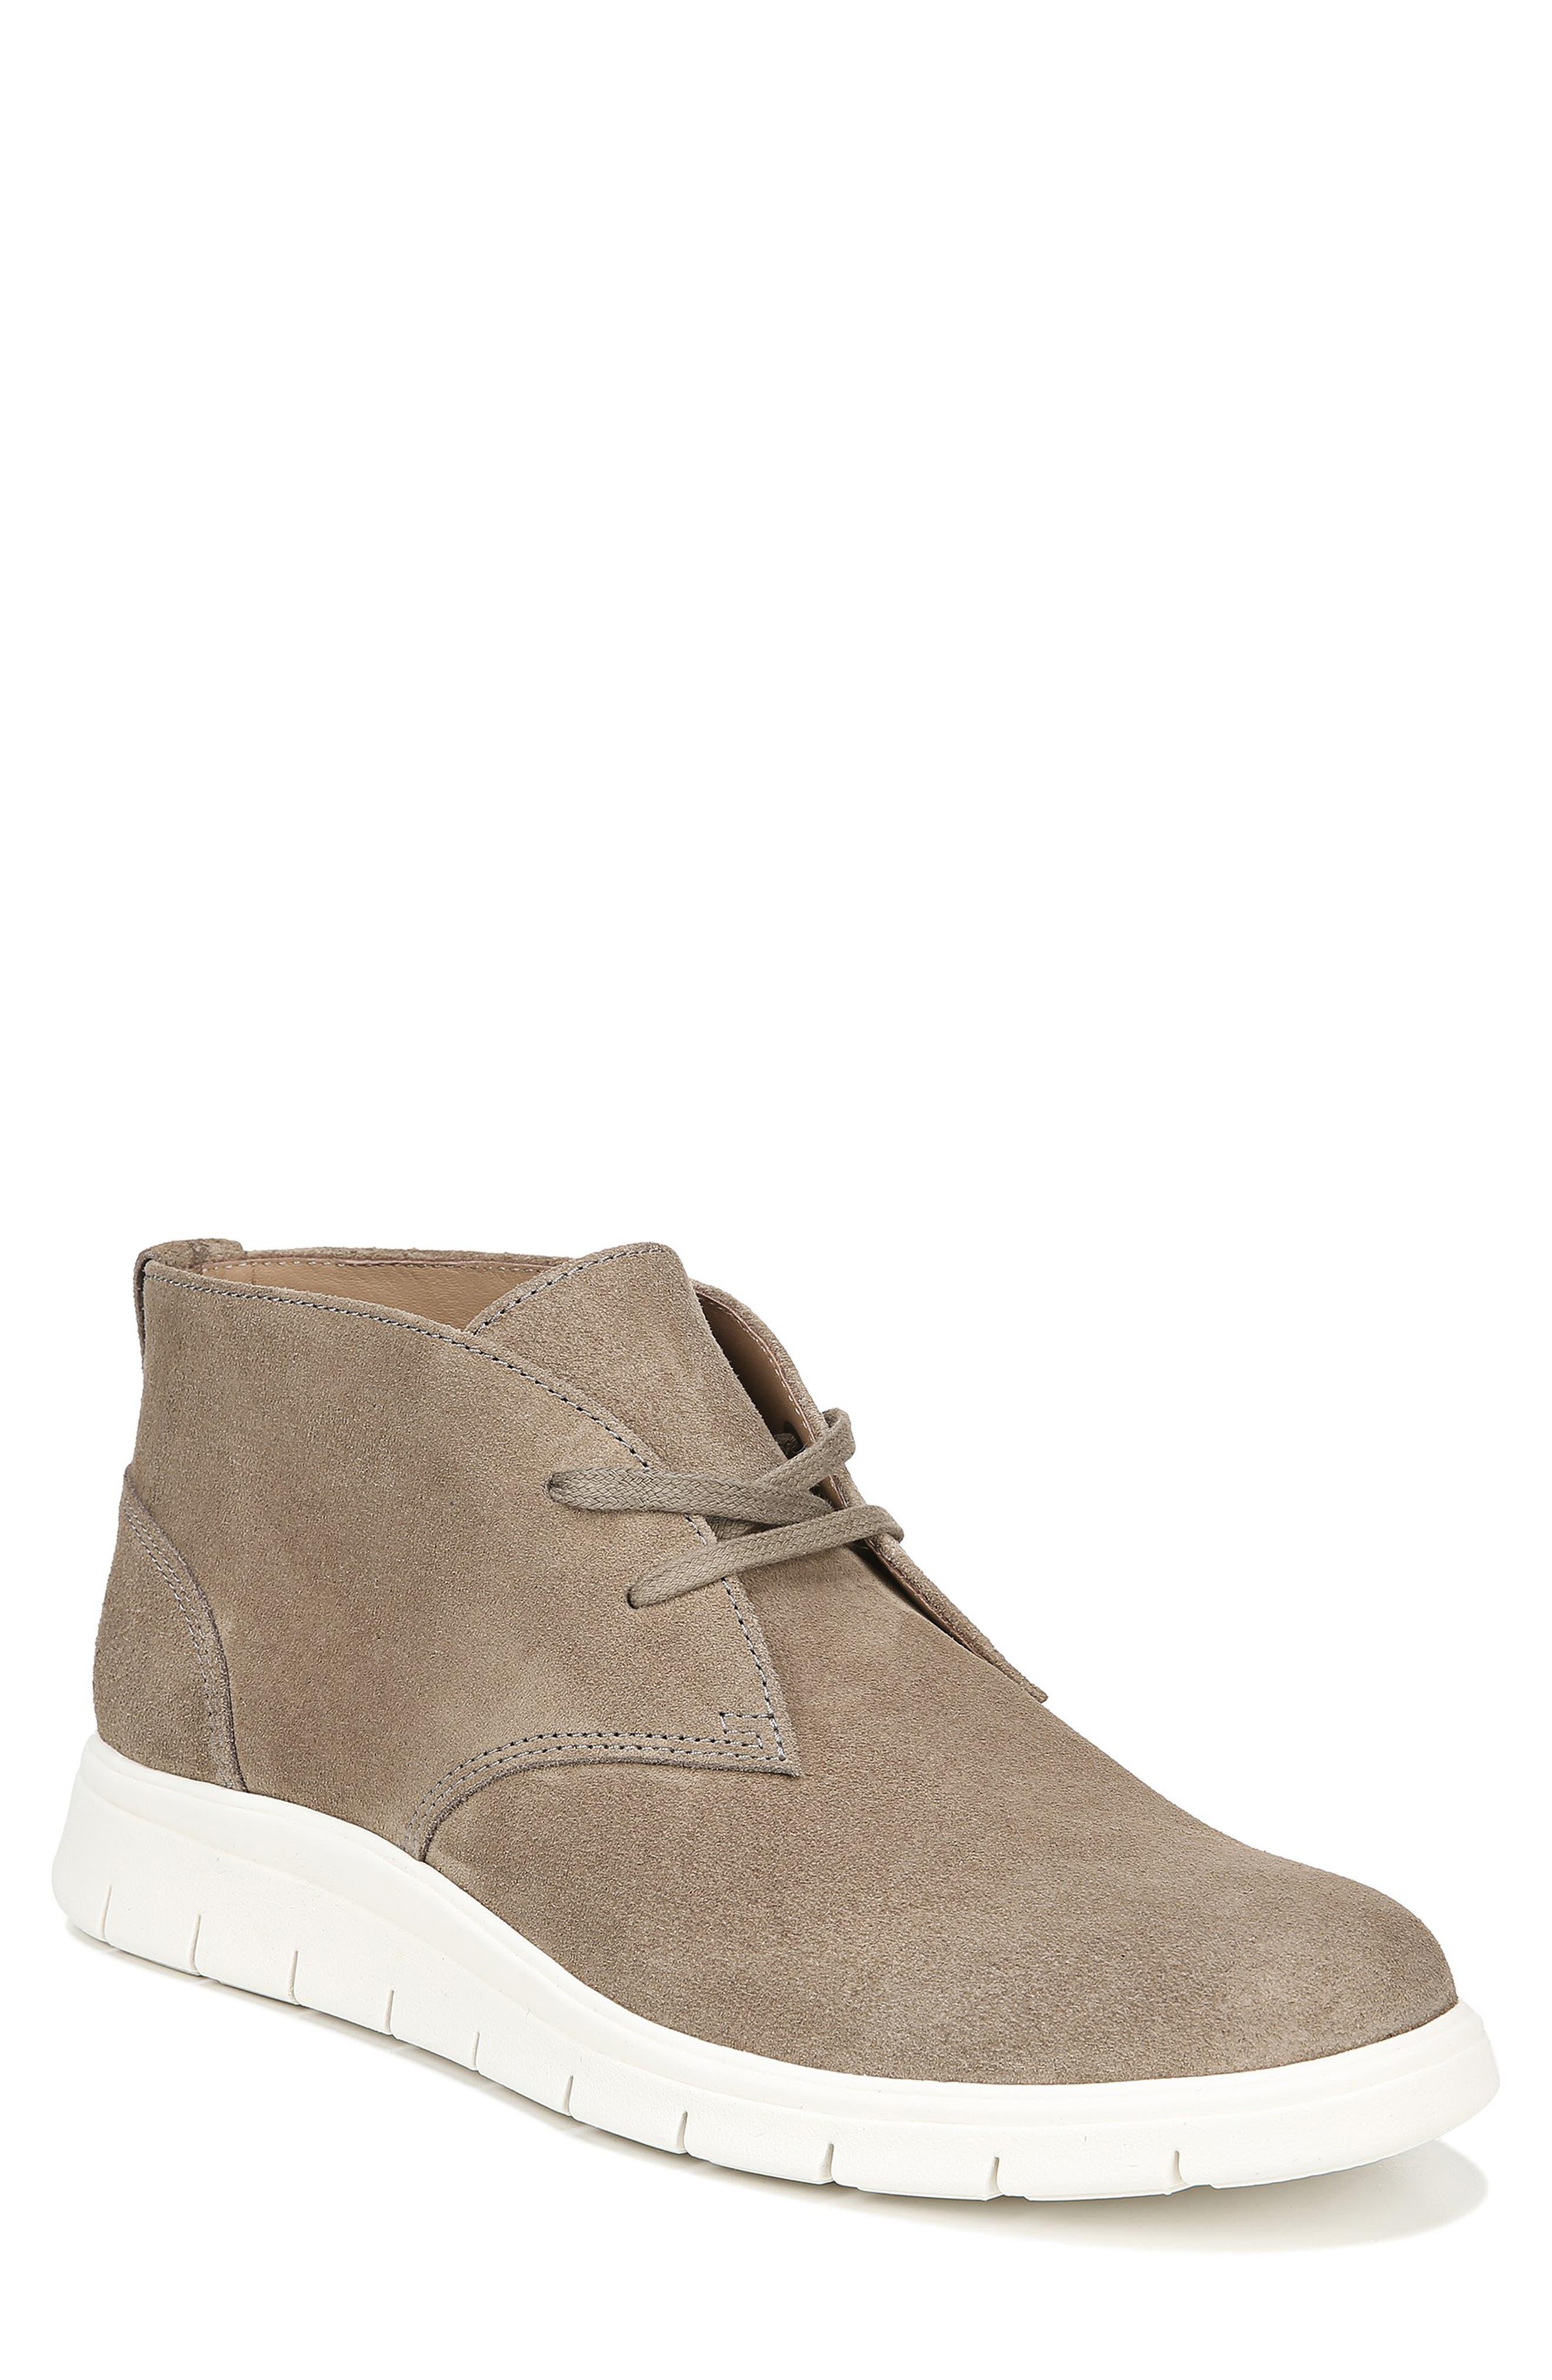 Men's Vince Shoes Sale \u0026 Clearance